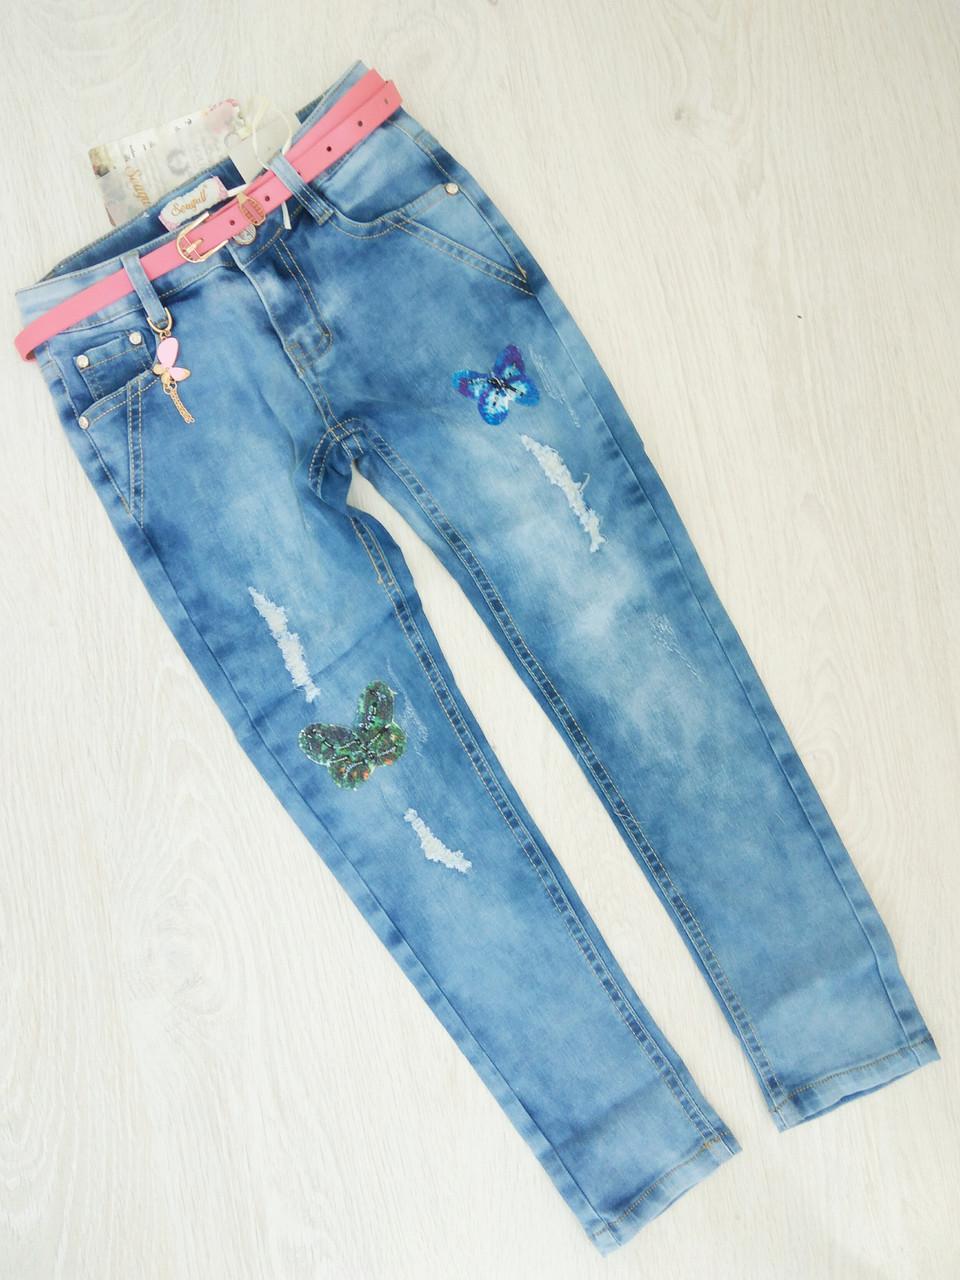 Джинсовые брюки для девочек , Венгрия , Seagull 164 рр. арт. CSQ-89785 ,